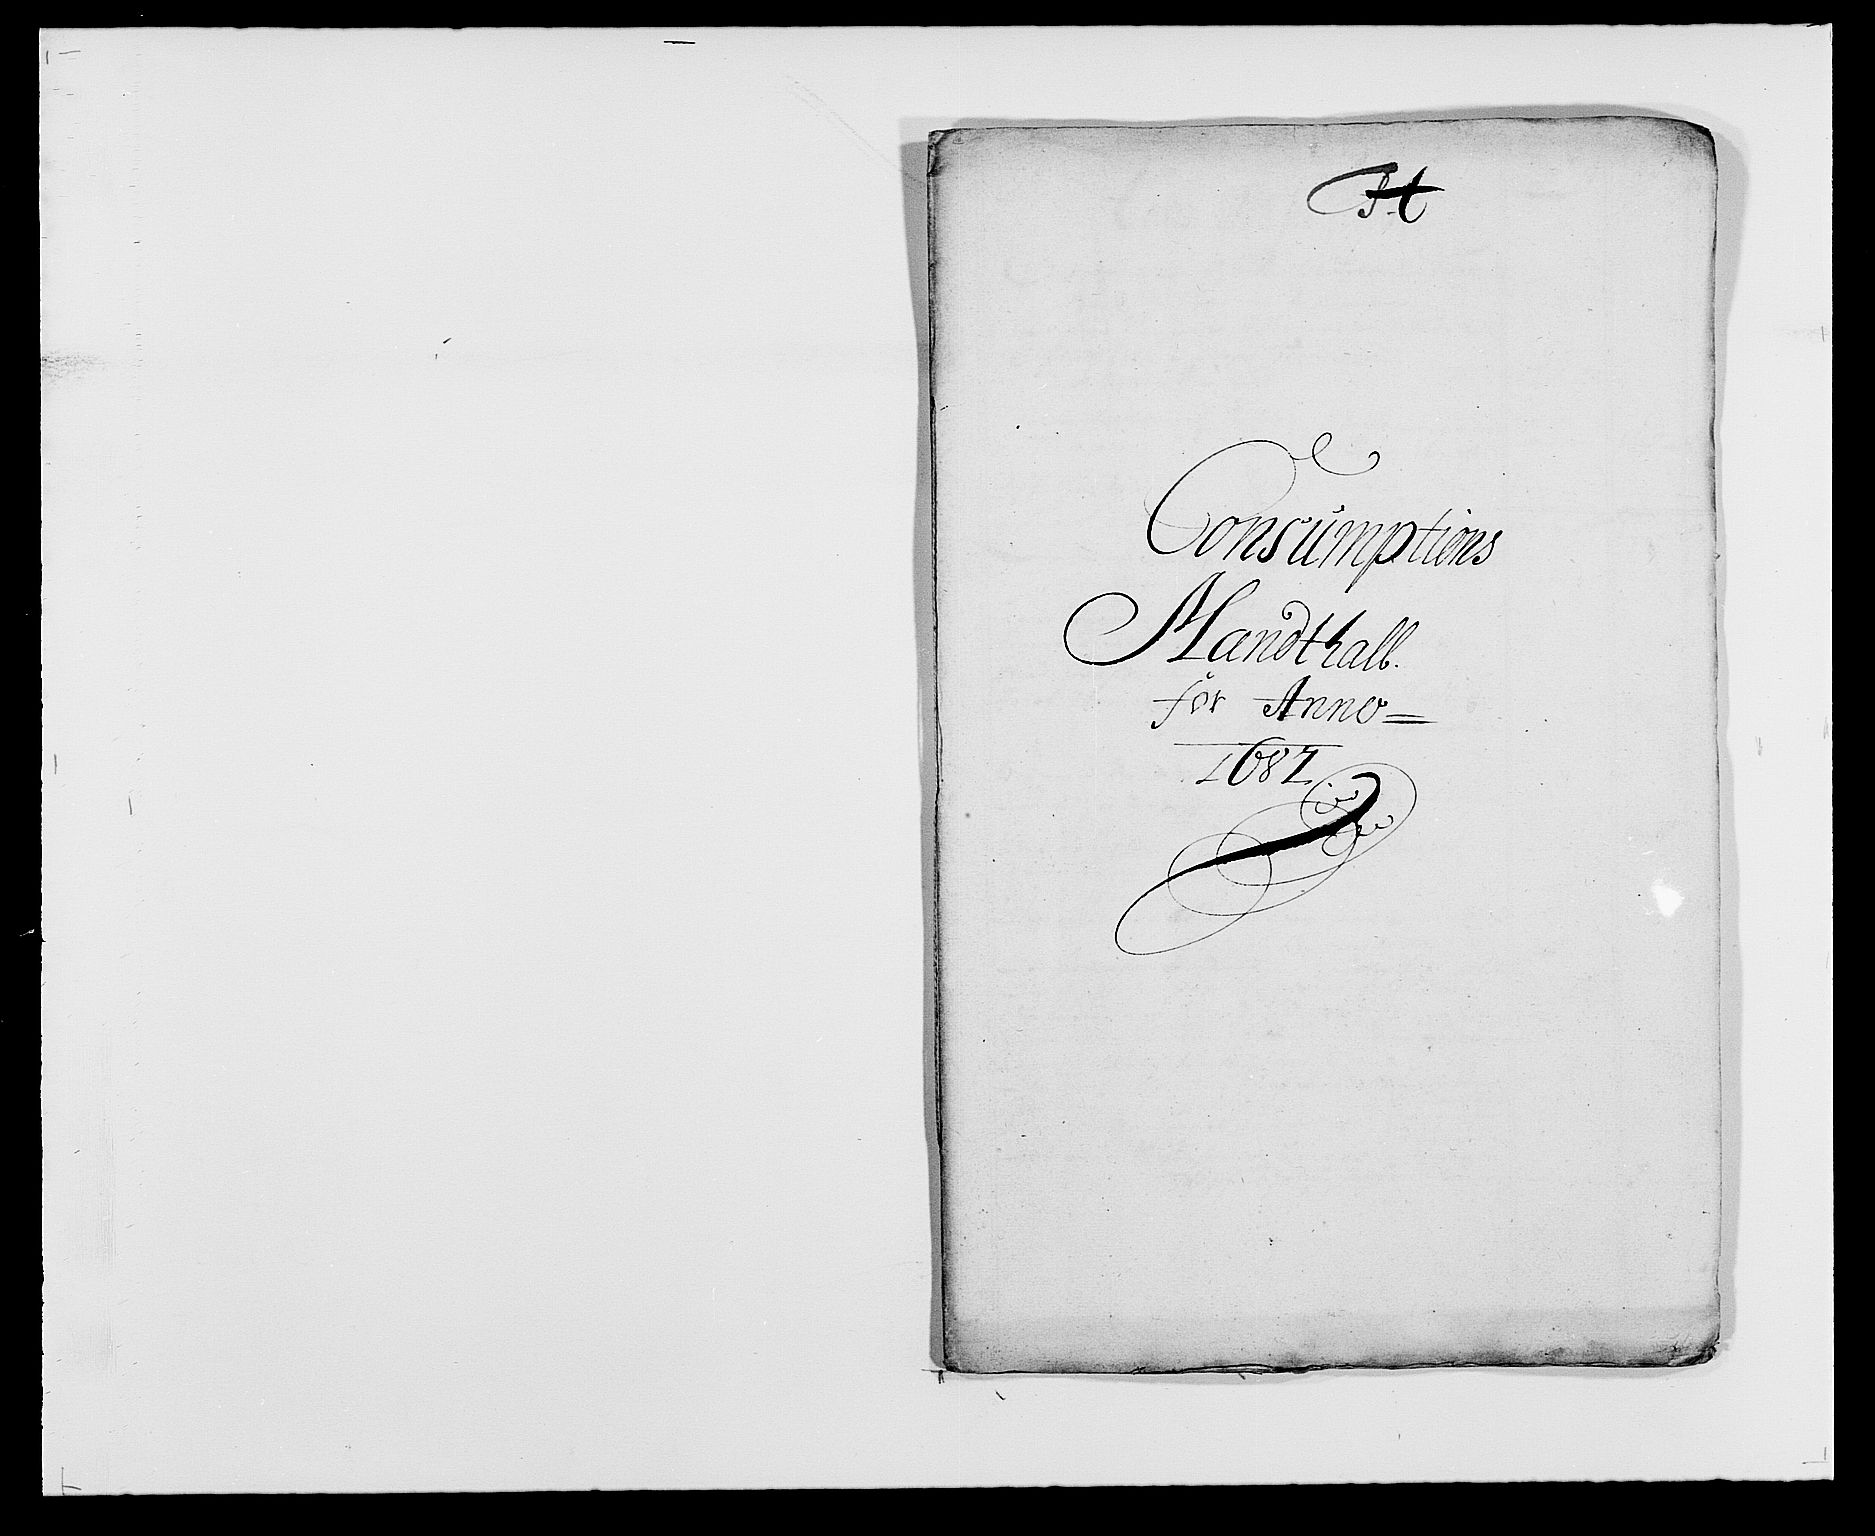 RA, Rentekammeret inntil 1814, Reviderte regnskaper, Fogderegnskap, R21/L1445: Fogderegnskap Ringerike og Hallingdal, 1681-1689, s. 382